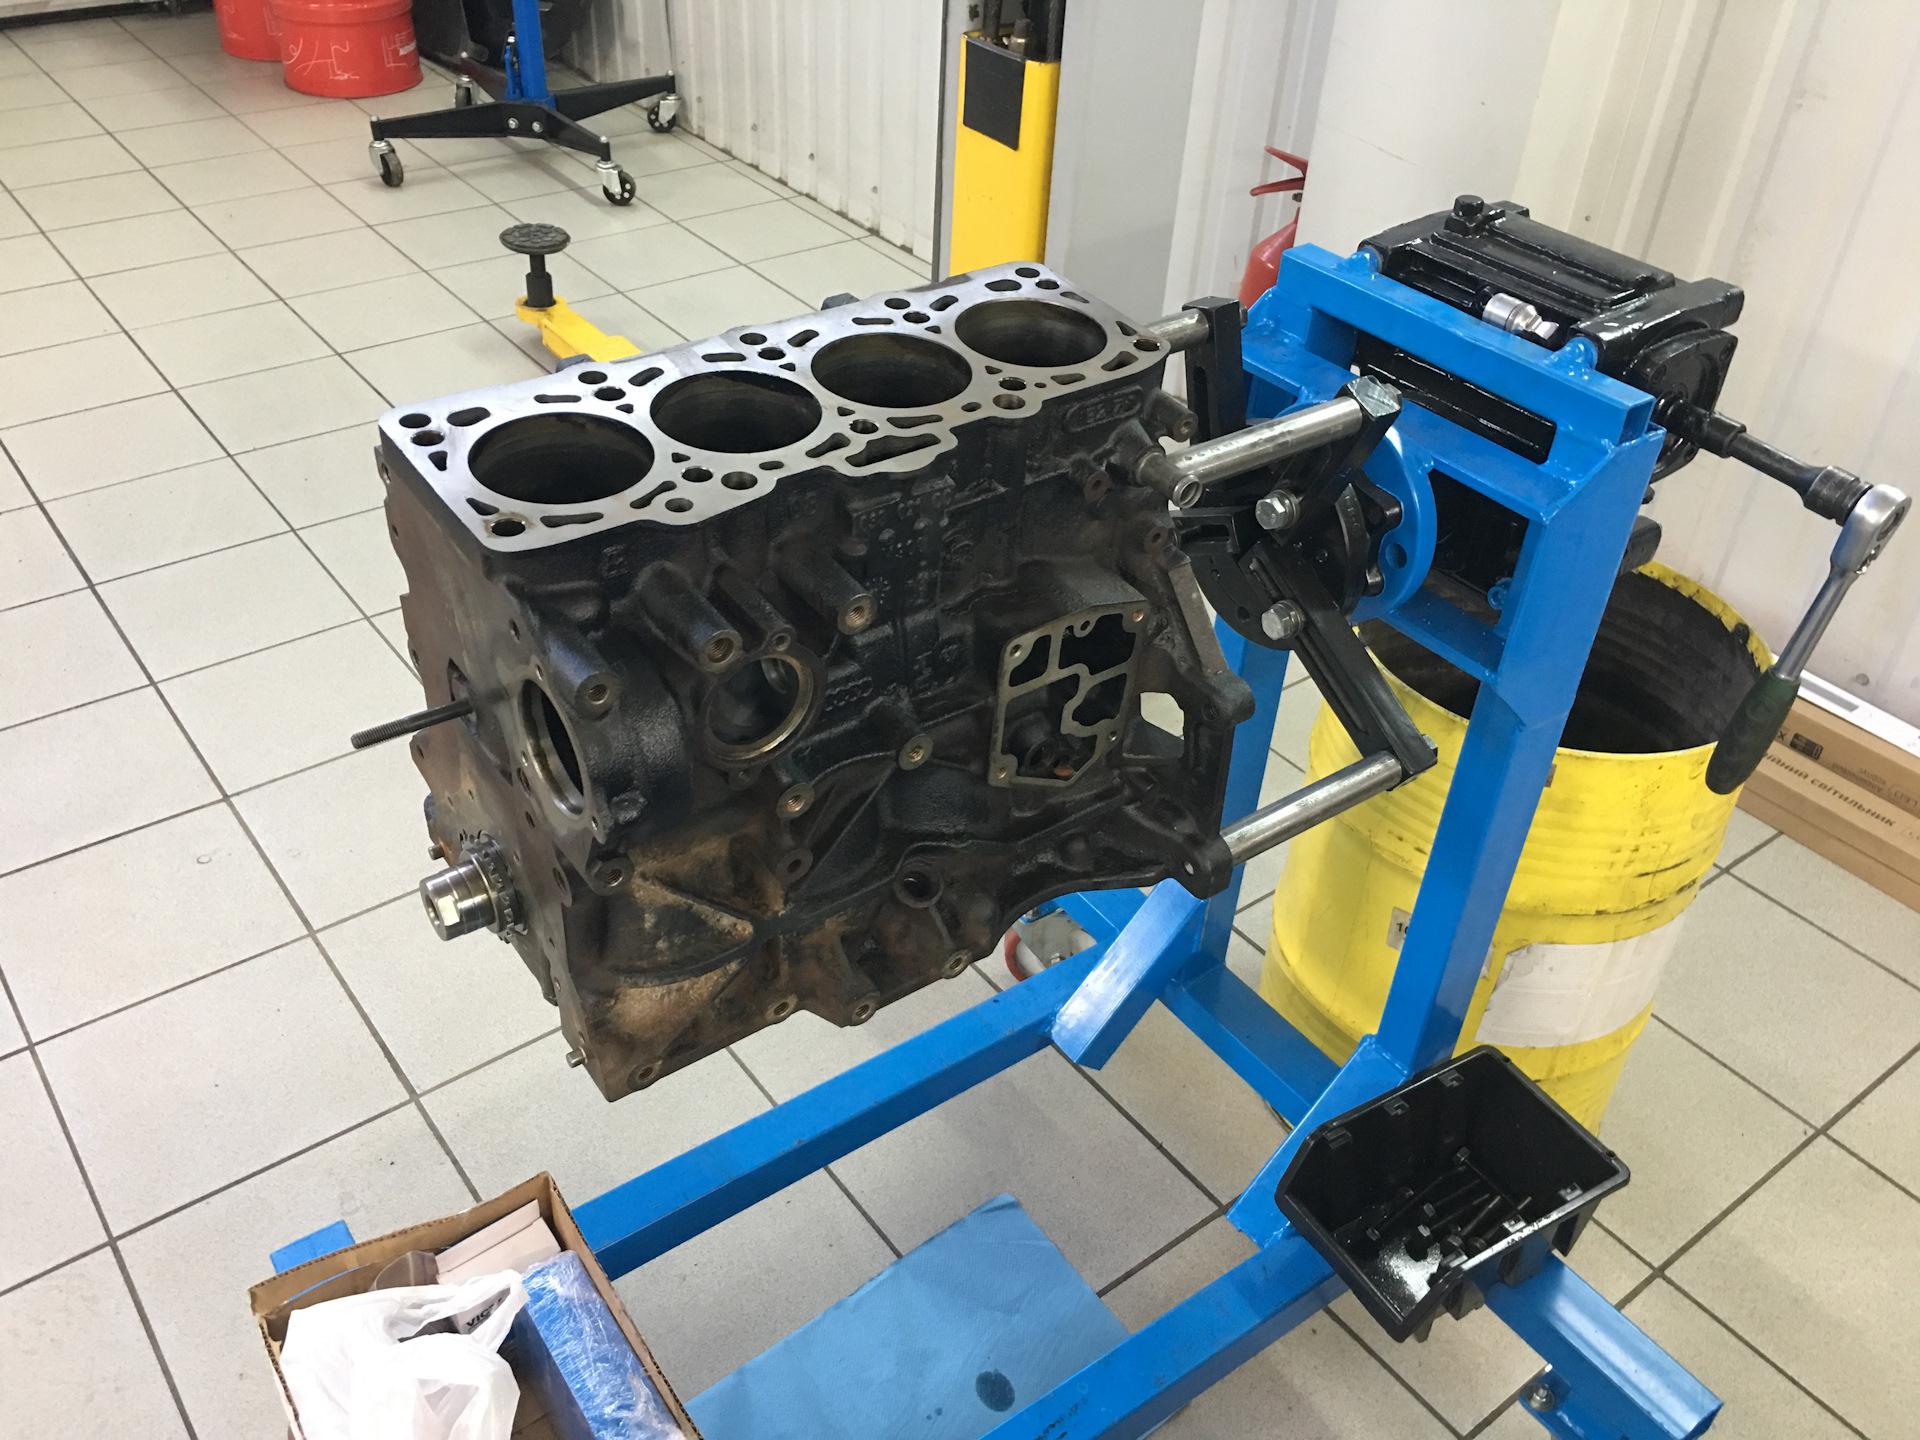 удовольствием посмотрел стенд для ремонта двигателя своими руками фото такой говорящей